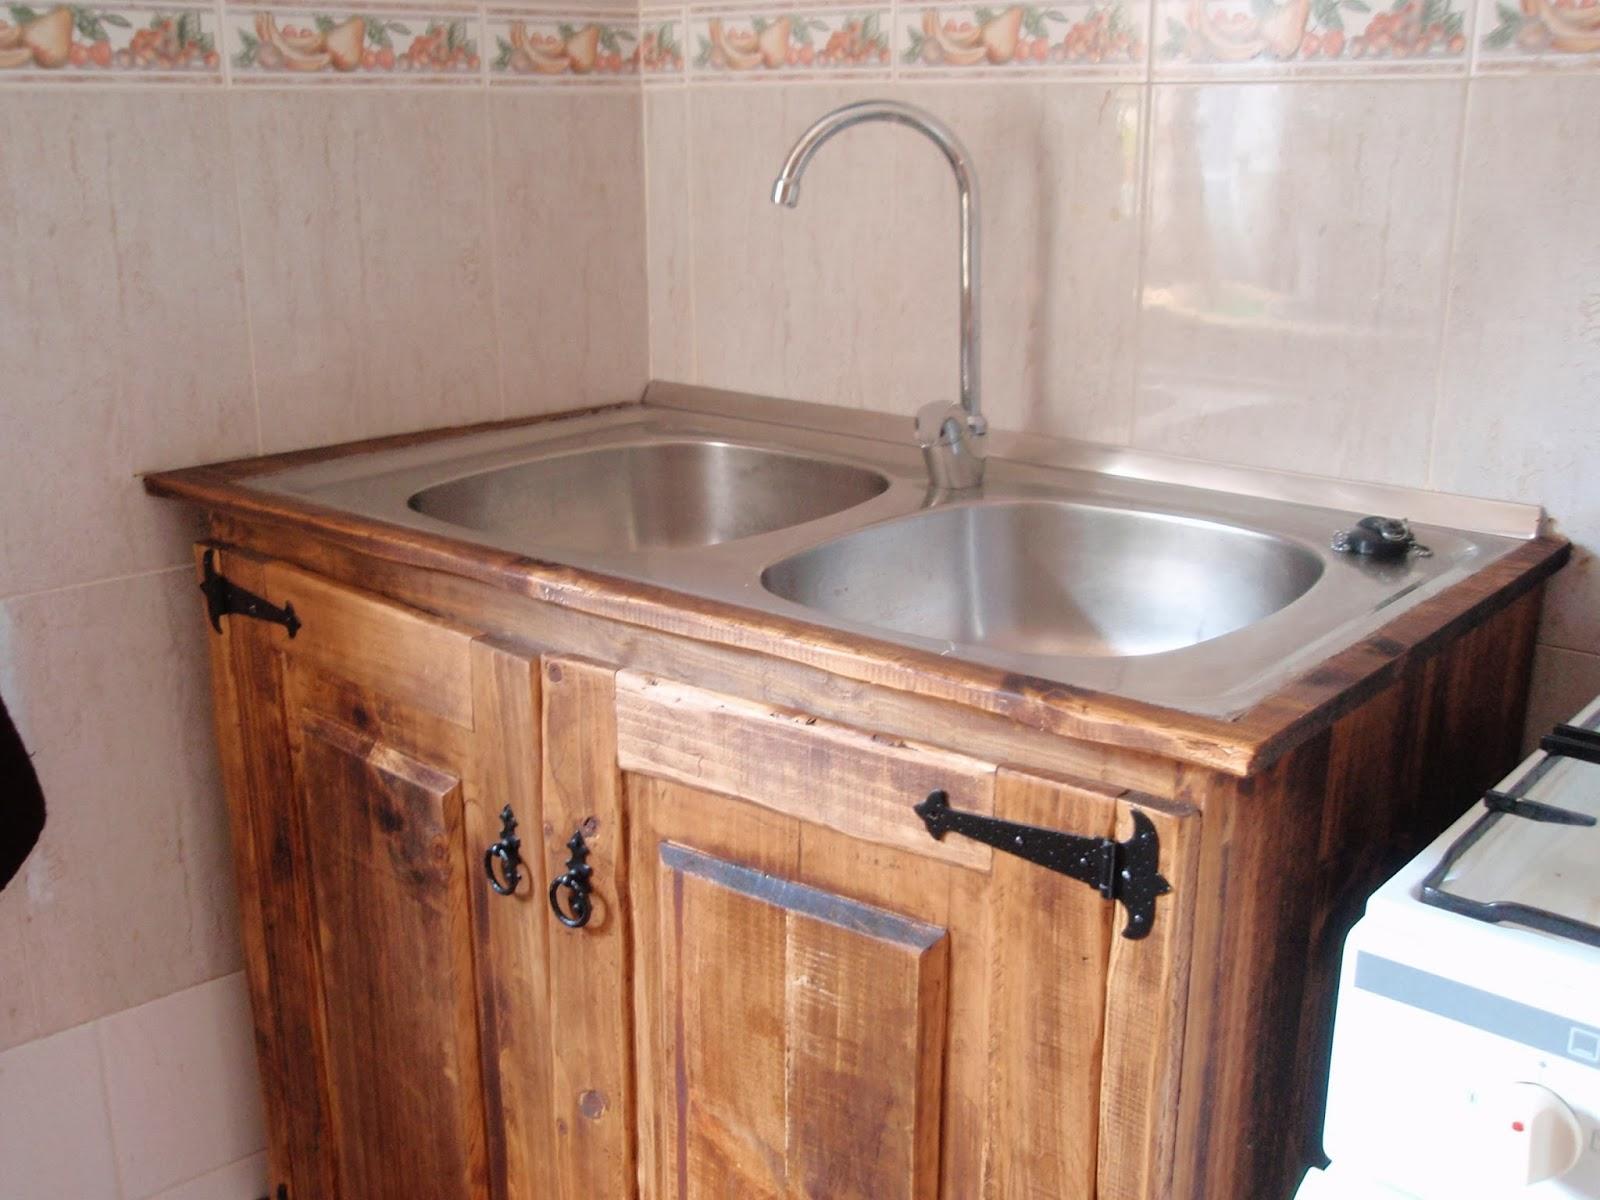 Trabajos r sticos mueble fregadero r stico for Mueble fregadero cocina